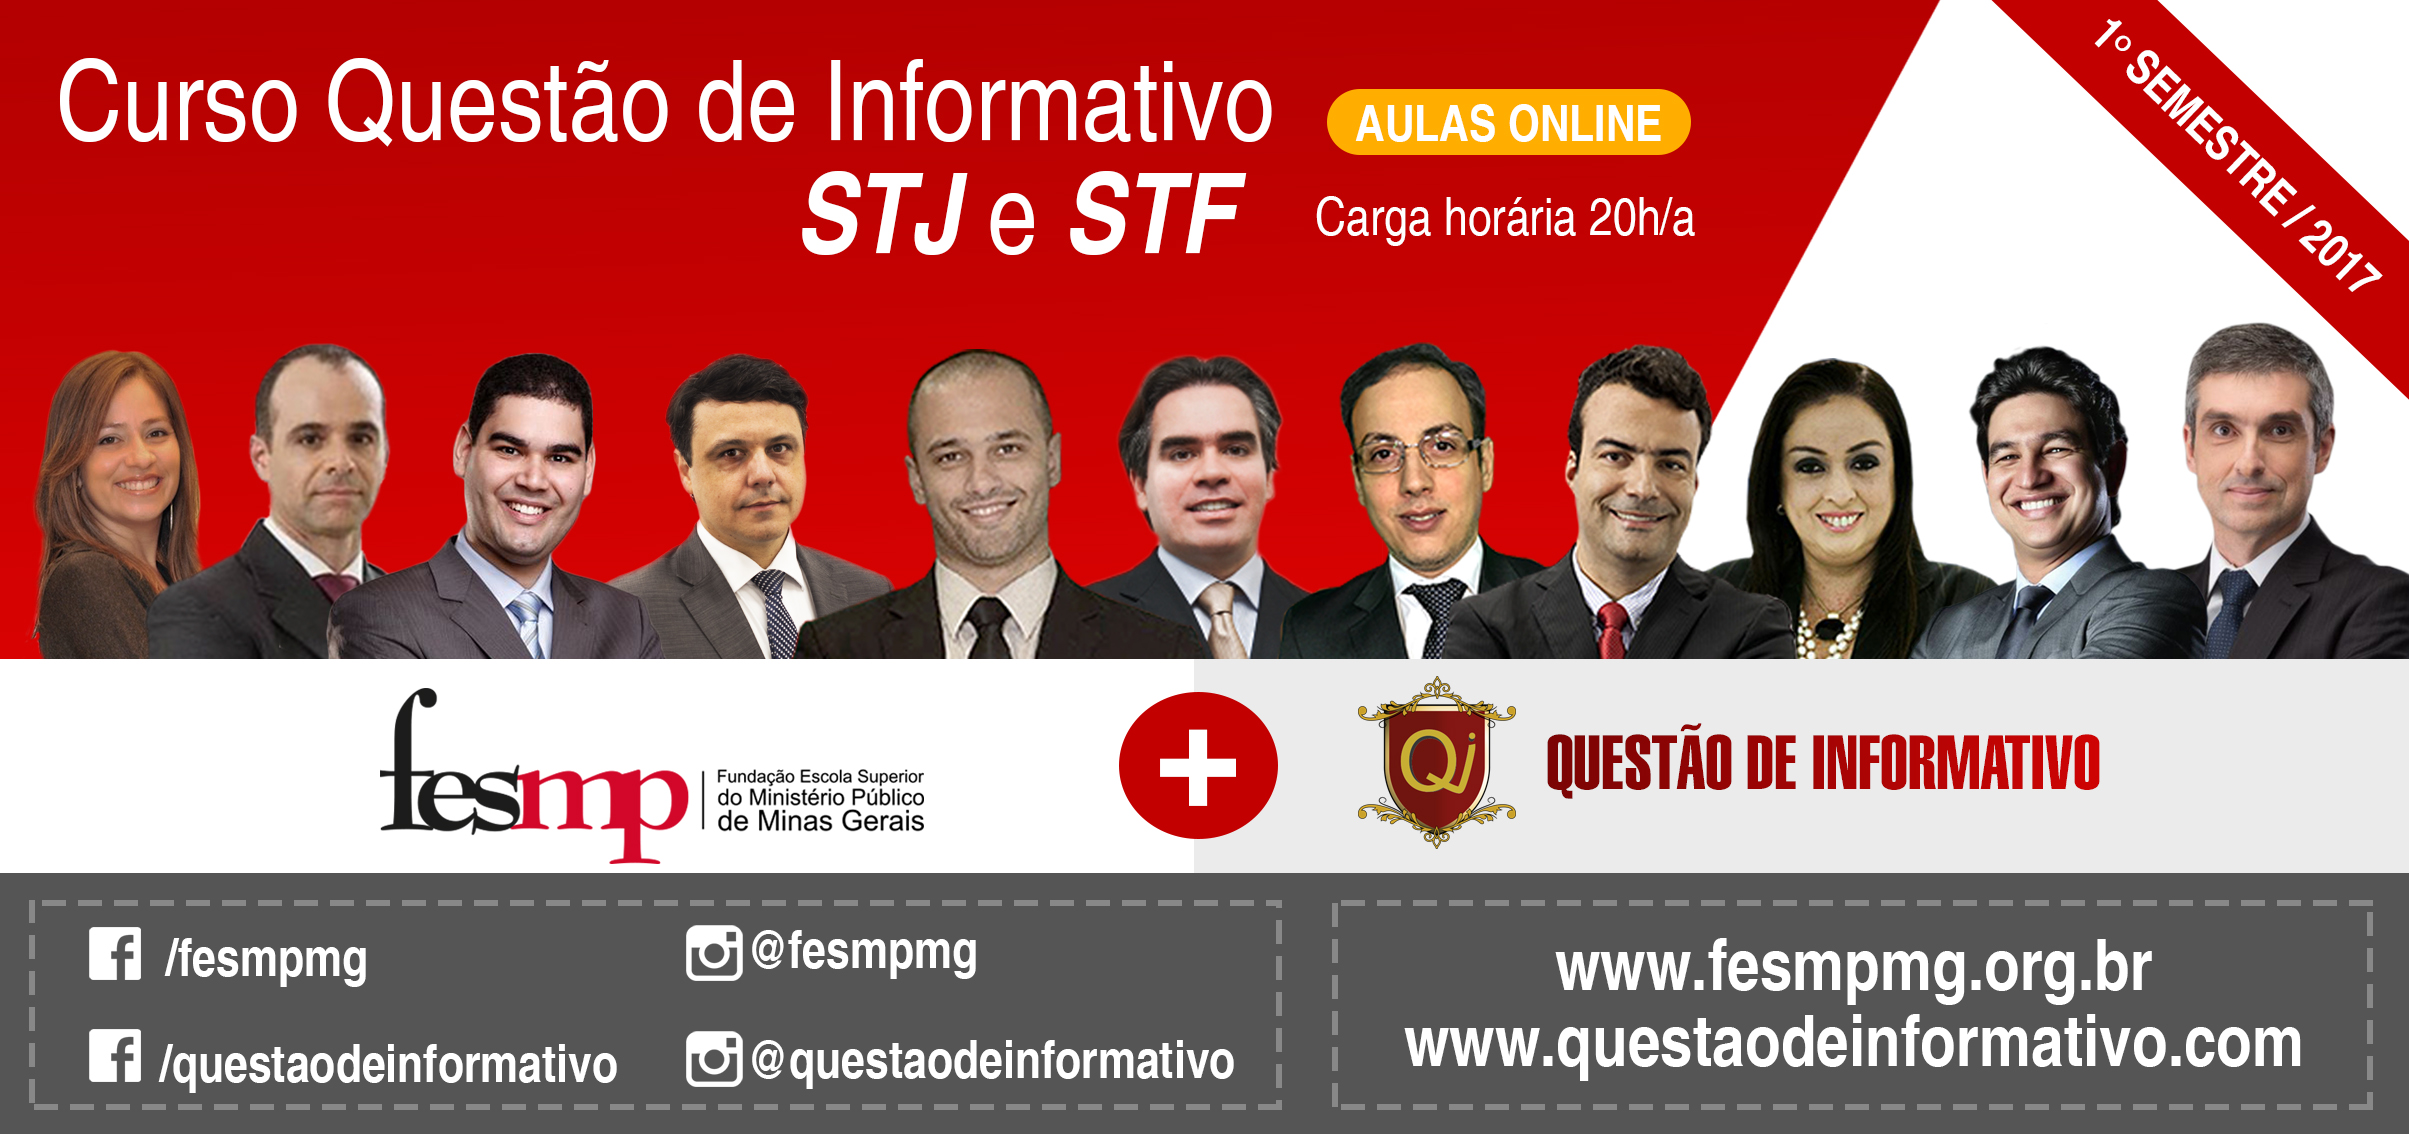 3 - QUESTAO DE INFORMATIVO